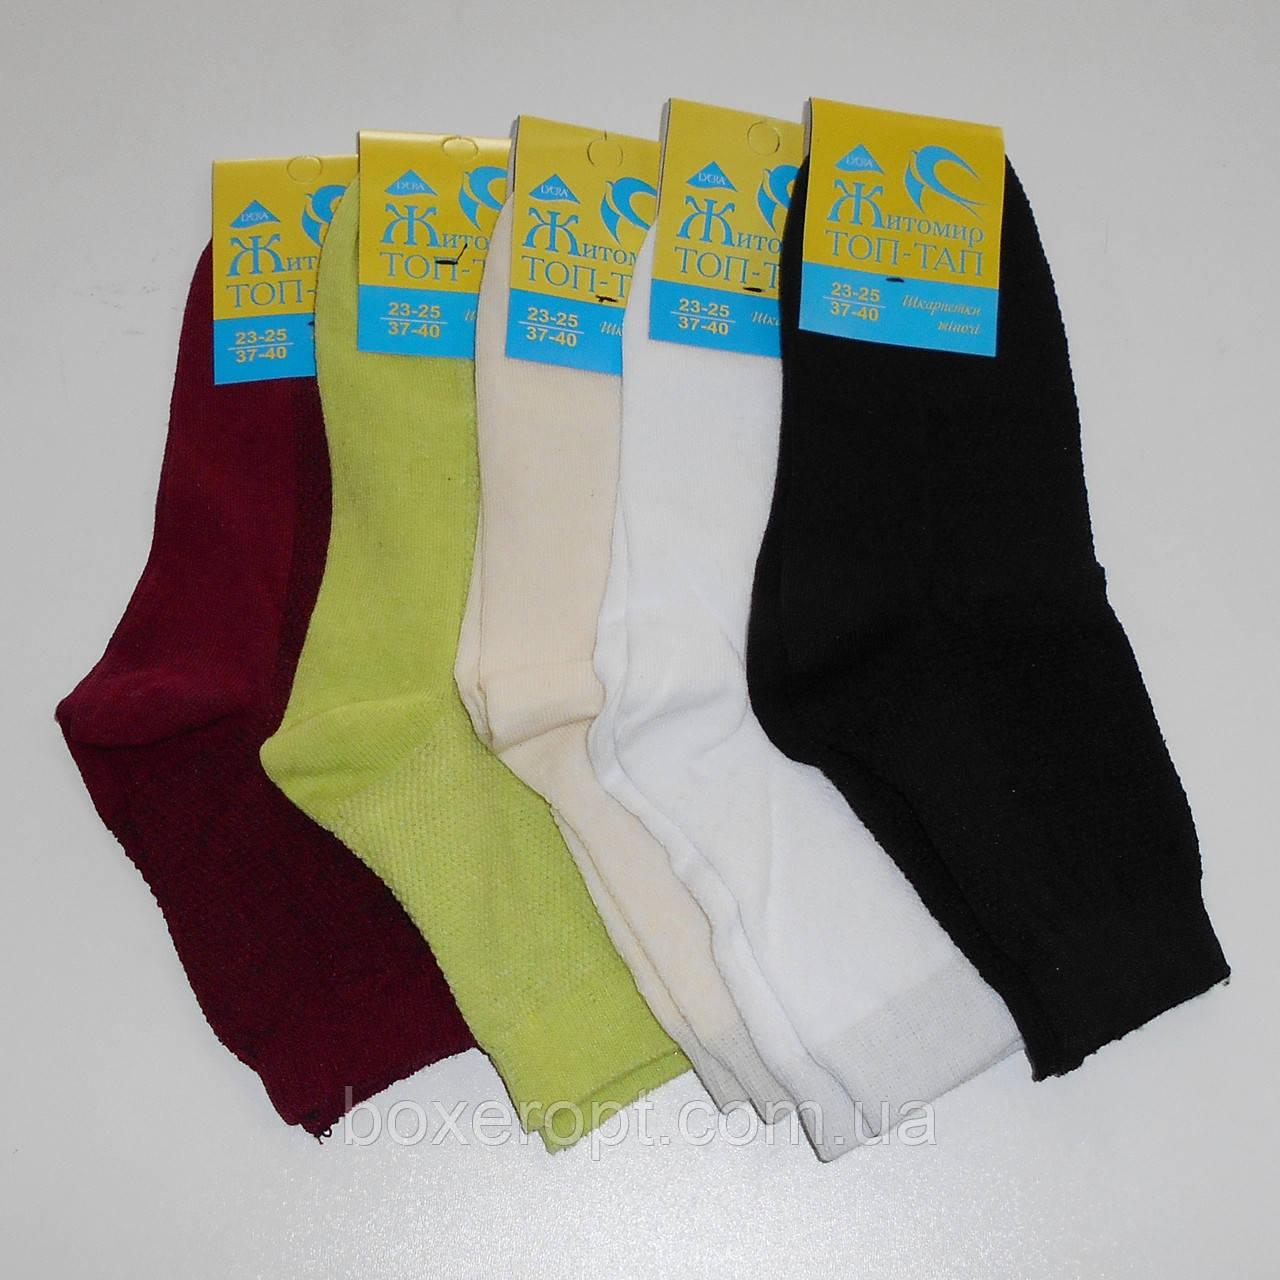 Женские носки Топ-Тап - 6.00 грн./пара (высокие, сетка)